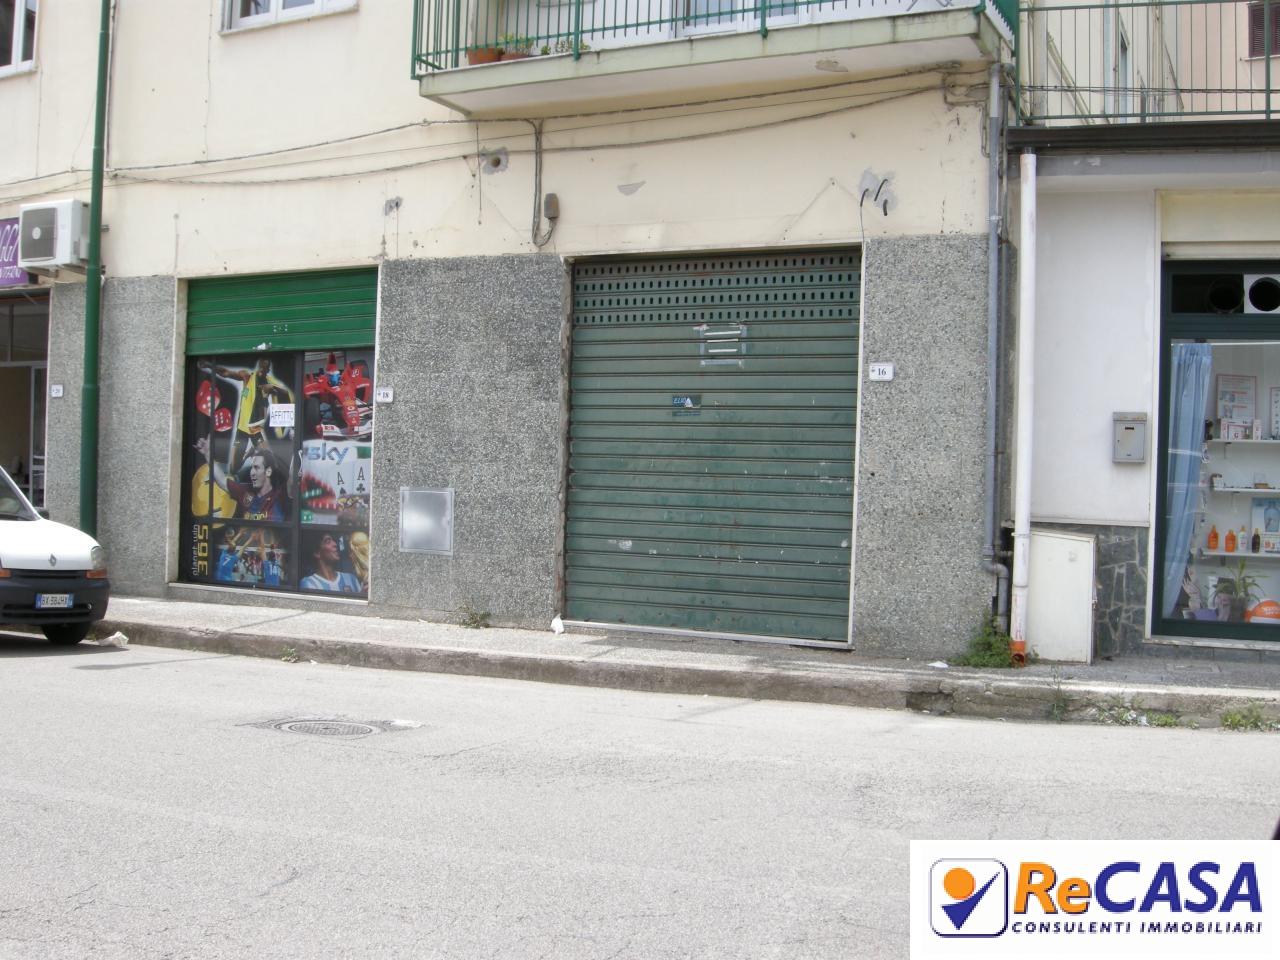 Negozio / Locale in affitto a Montecorvino Rovella, 9999 locali, zona Località: Centro, prezzo € 300 | Cambio Casa.it